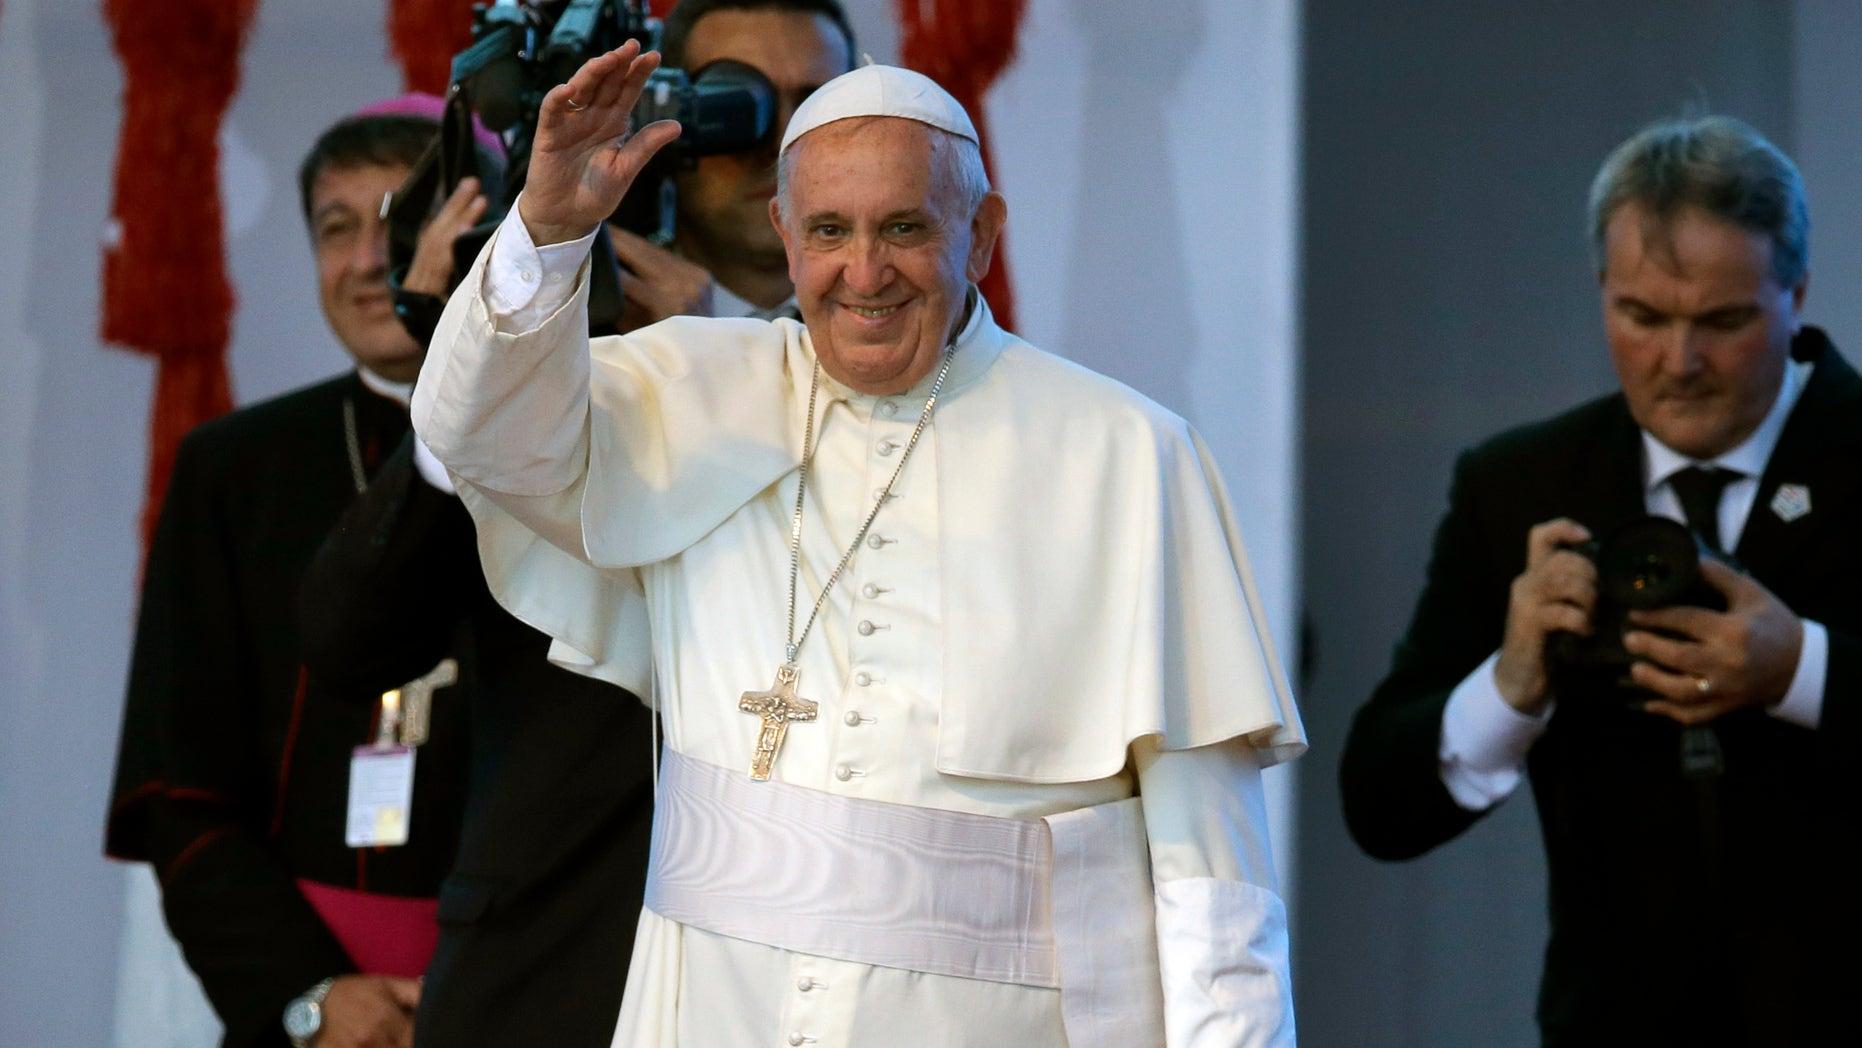 """Papa Francisco llega a una reunión con los jóvenes en Asunción, el domingo 12 de julio de 2015. El pontífice pidió a los jóvenes que hagan """"lío"""", que hagan mucho ruido y exijan. Pero también les dijo que ellos tienen que trabajar en la reorganizacióón de las cosas. (AP foto/Jorge Saenz)"""